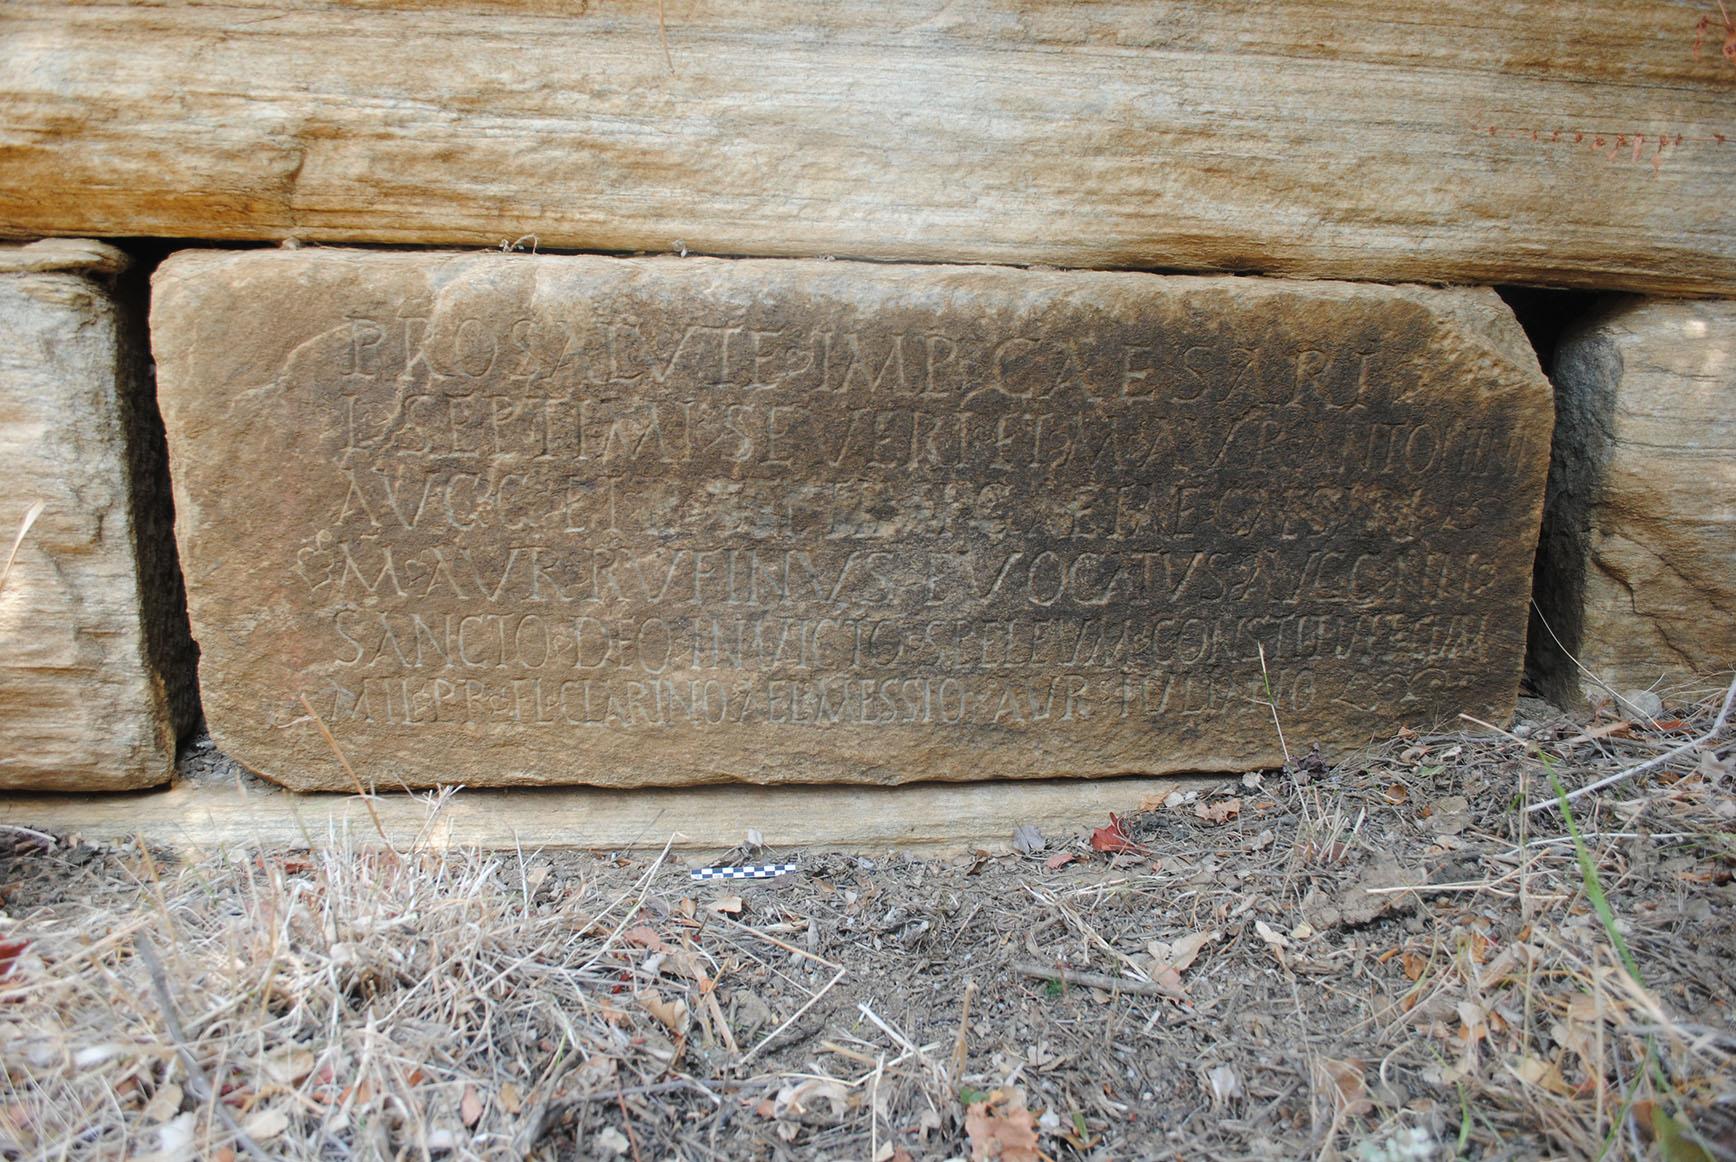 Επιγραφή για ιερό του θεού Μίθρα σε λιθόπλινθο αρχαίου τοίχου